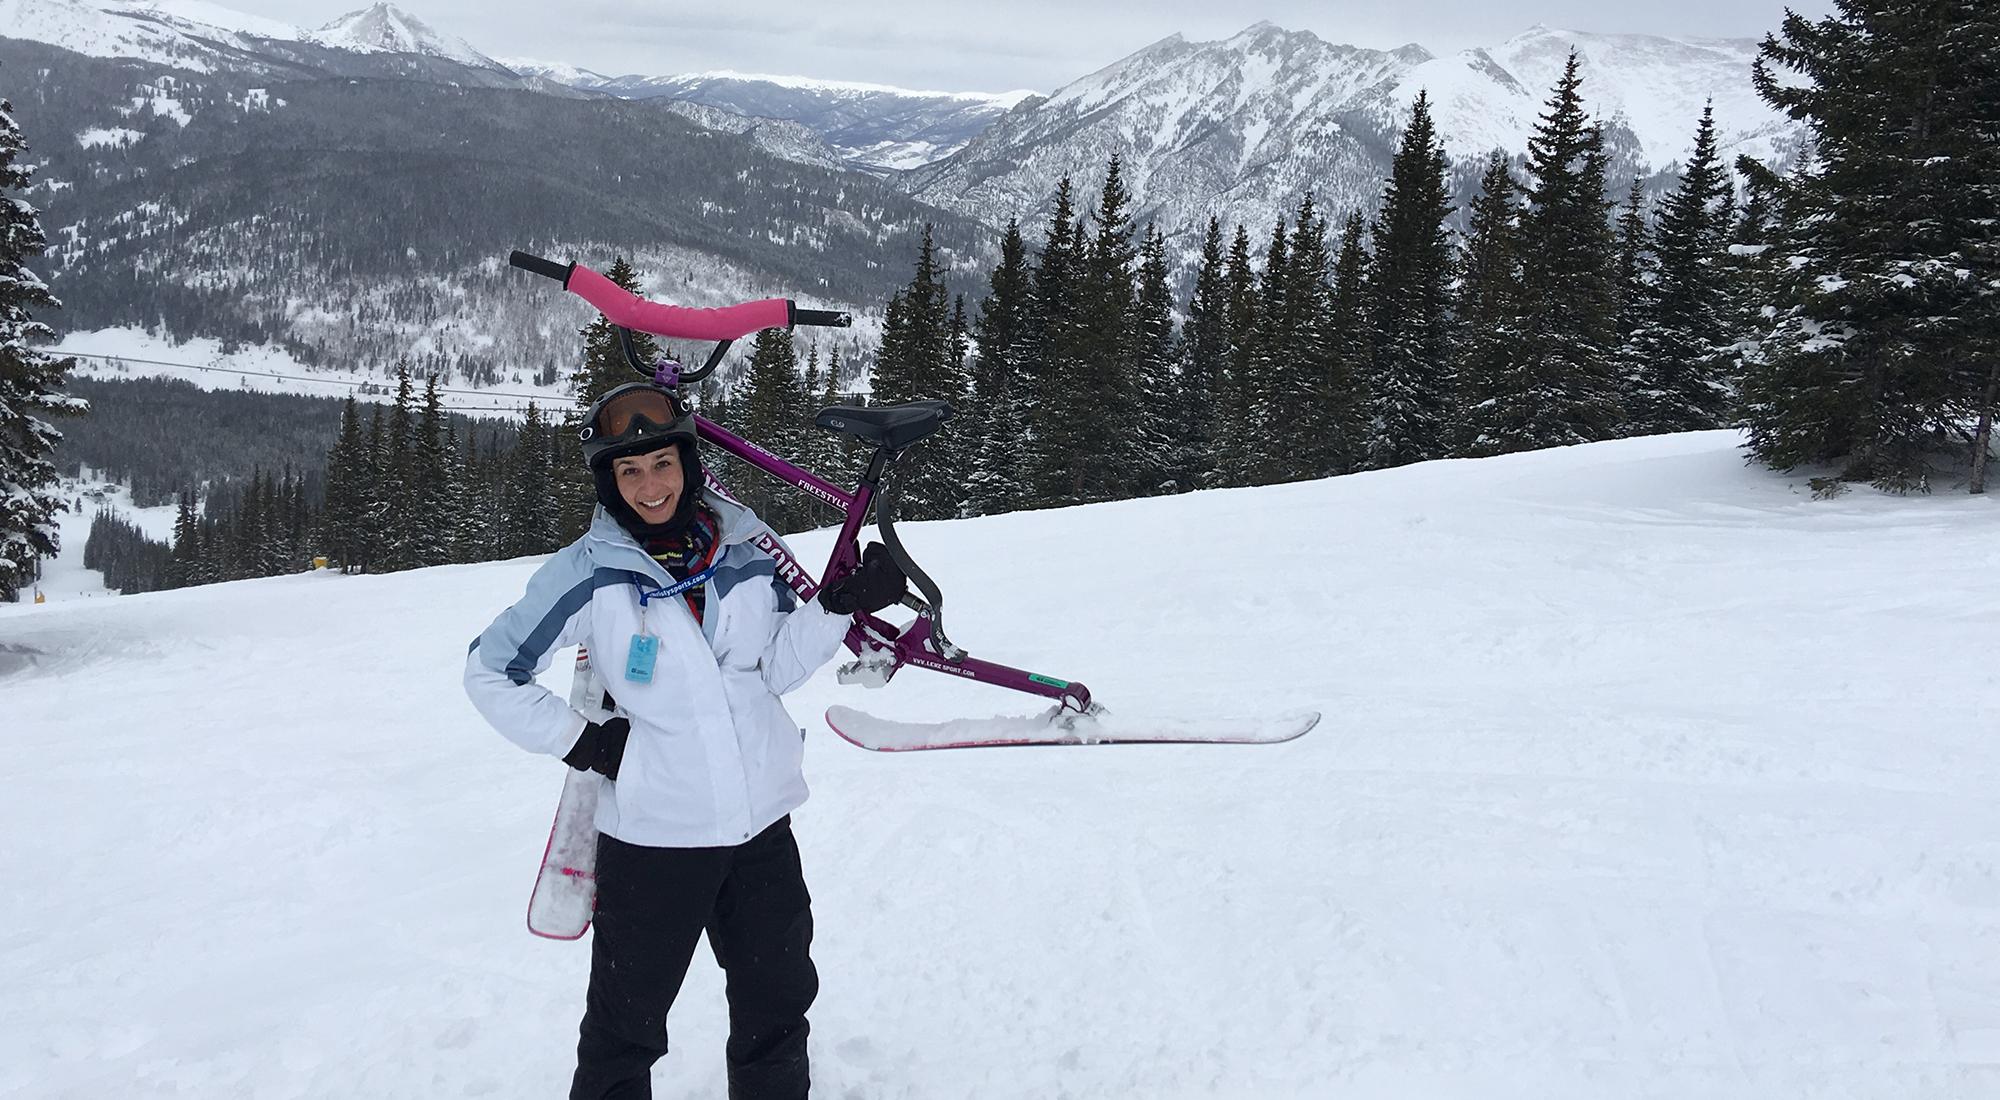 Adrian Bulinski – first ski bike at Copper Mountain